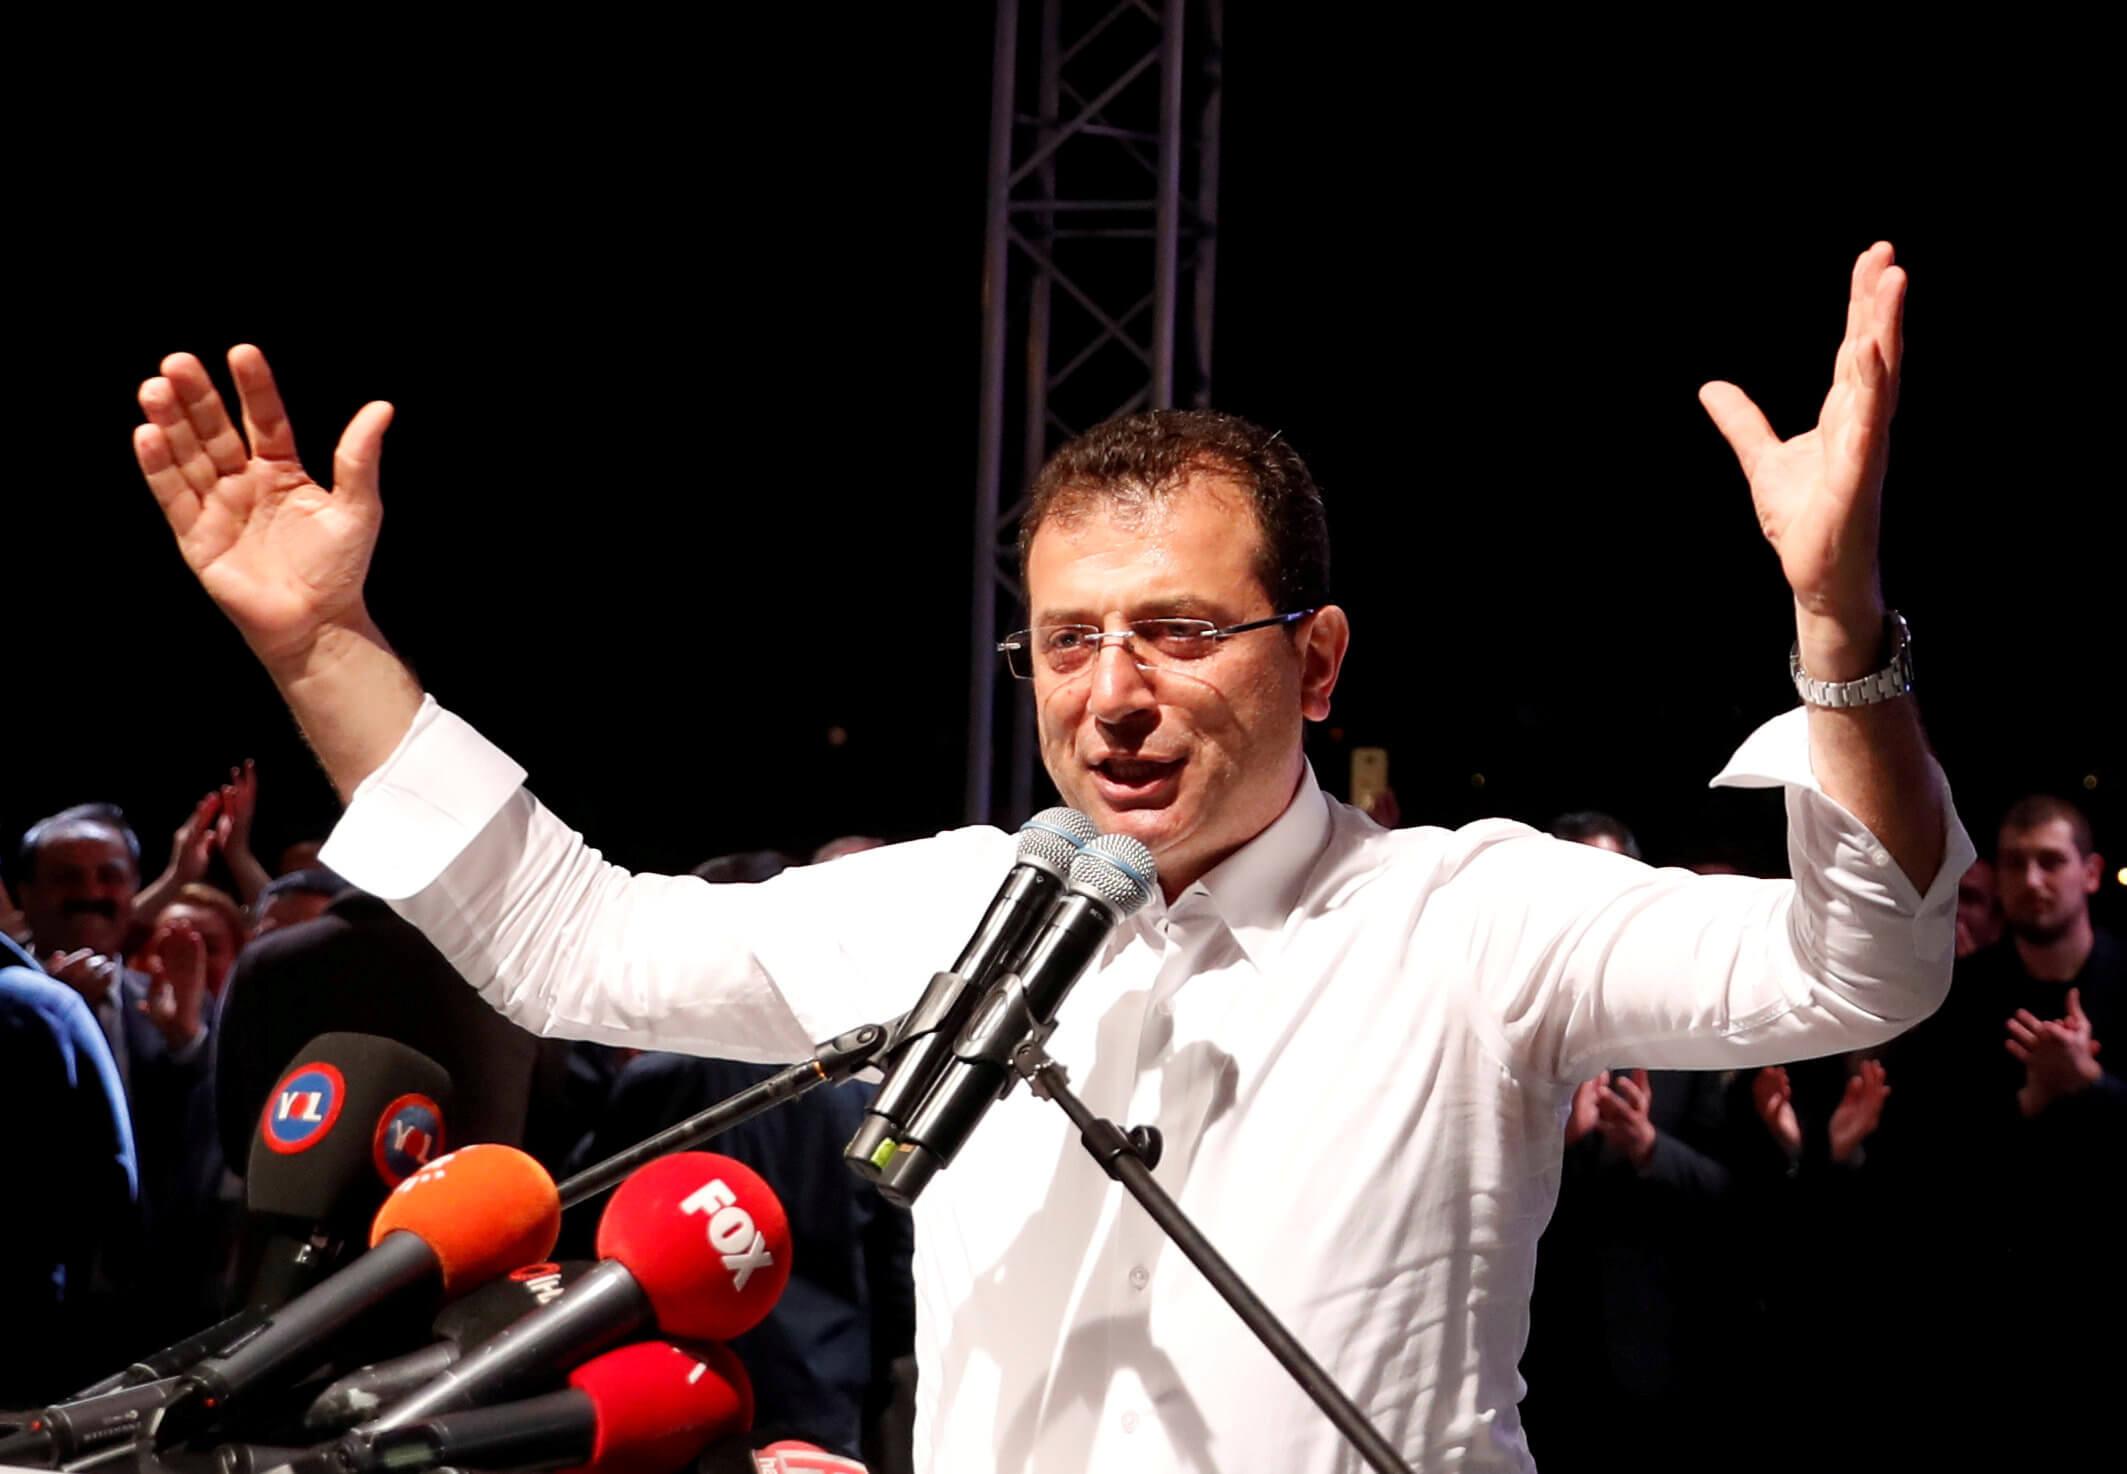 Τουρκία: Ξαφνικό κόψιμο της συνέντευξης του Ιμάμογλου